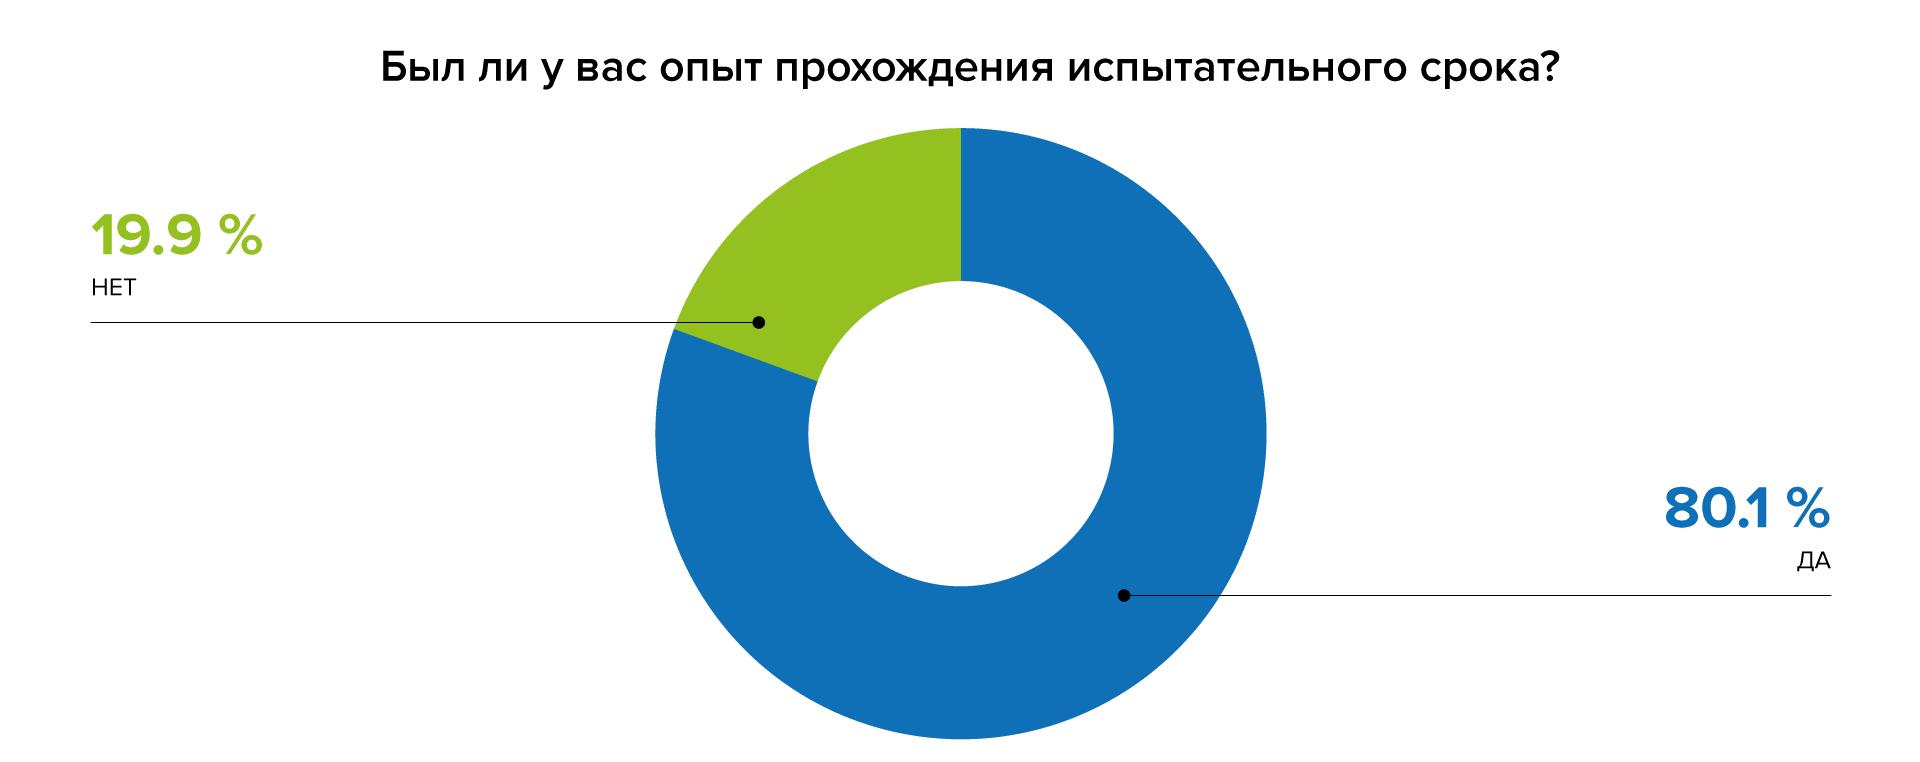 Испытательный срок: 27% сотрудников увольняются из-за невыполнения нанимателем договоренностей